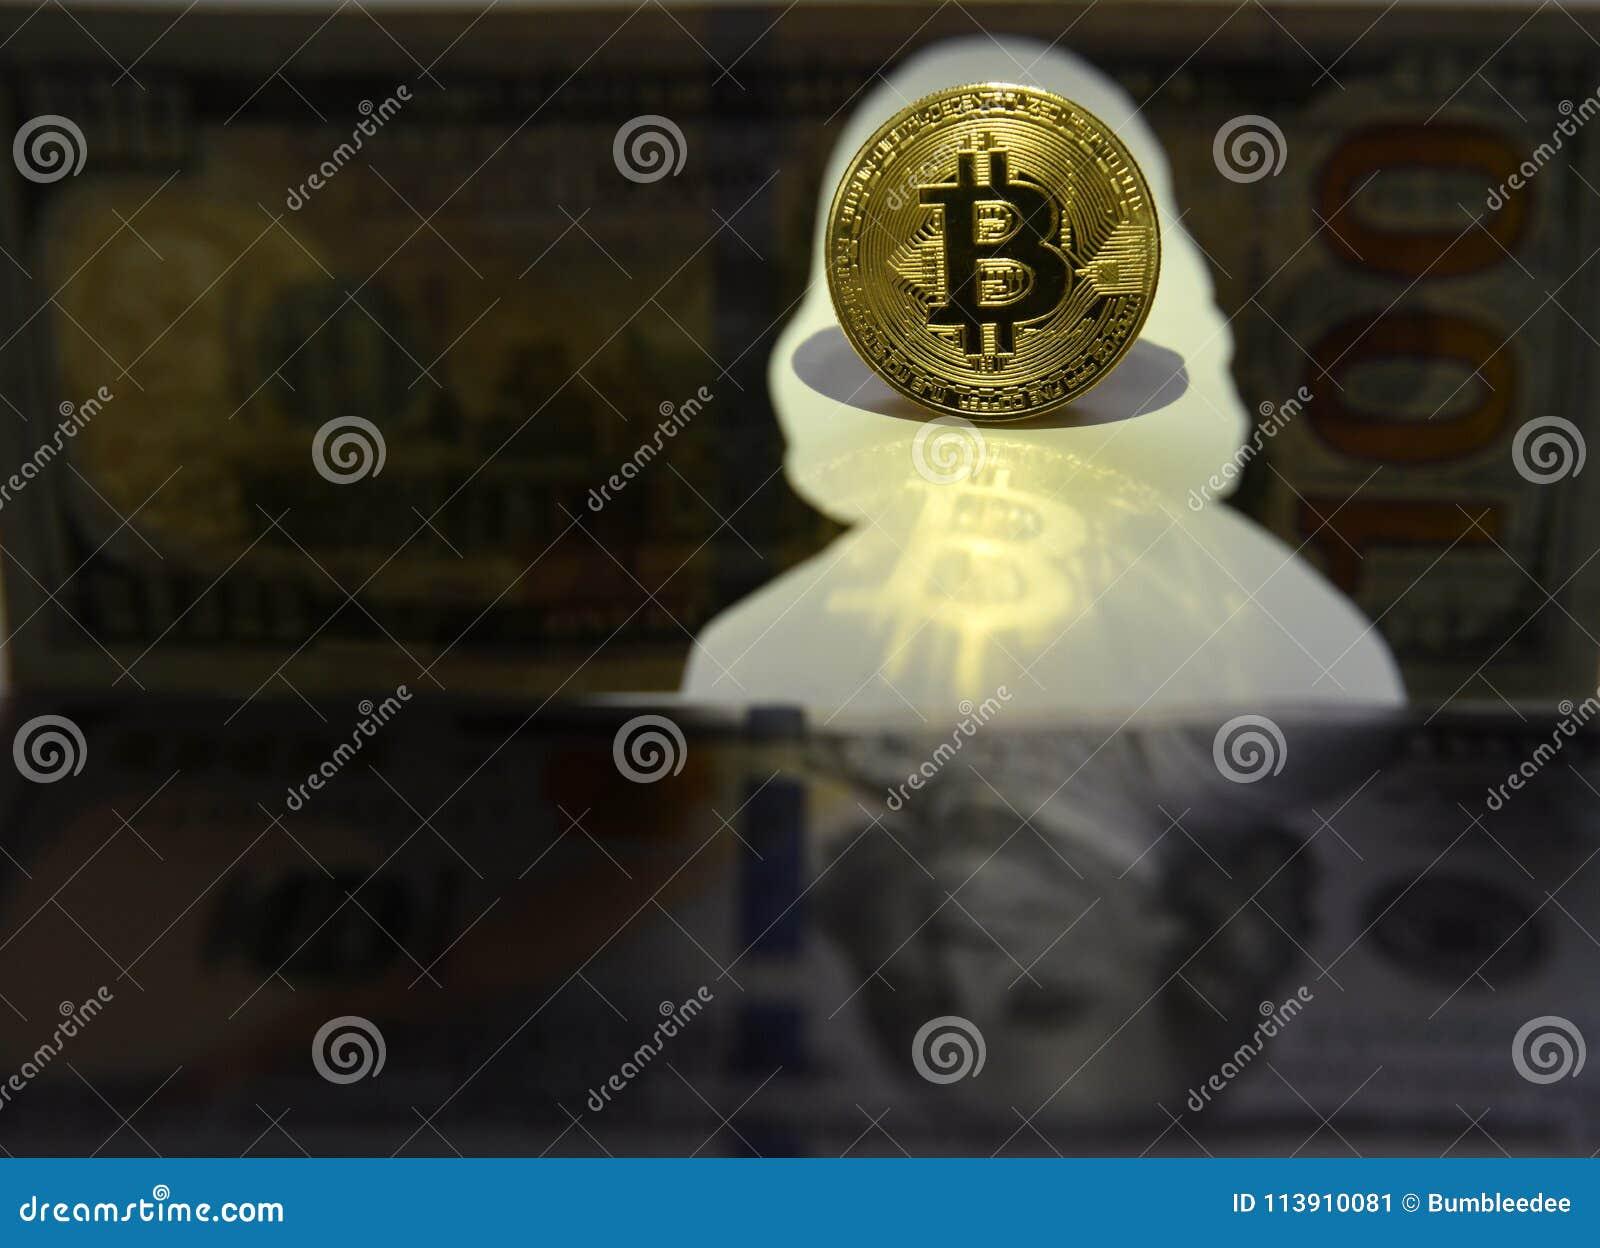 Nueva moneda del mundo Moneda de oro de Bitcoin y silueta de Benja